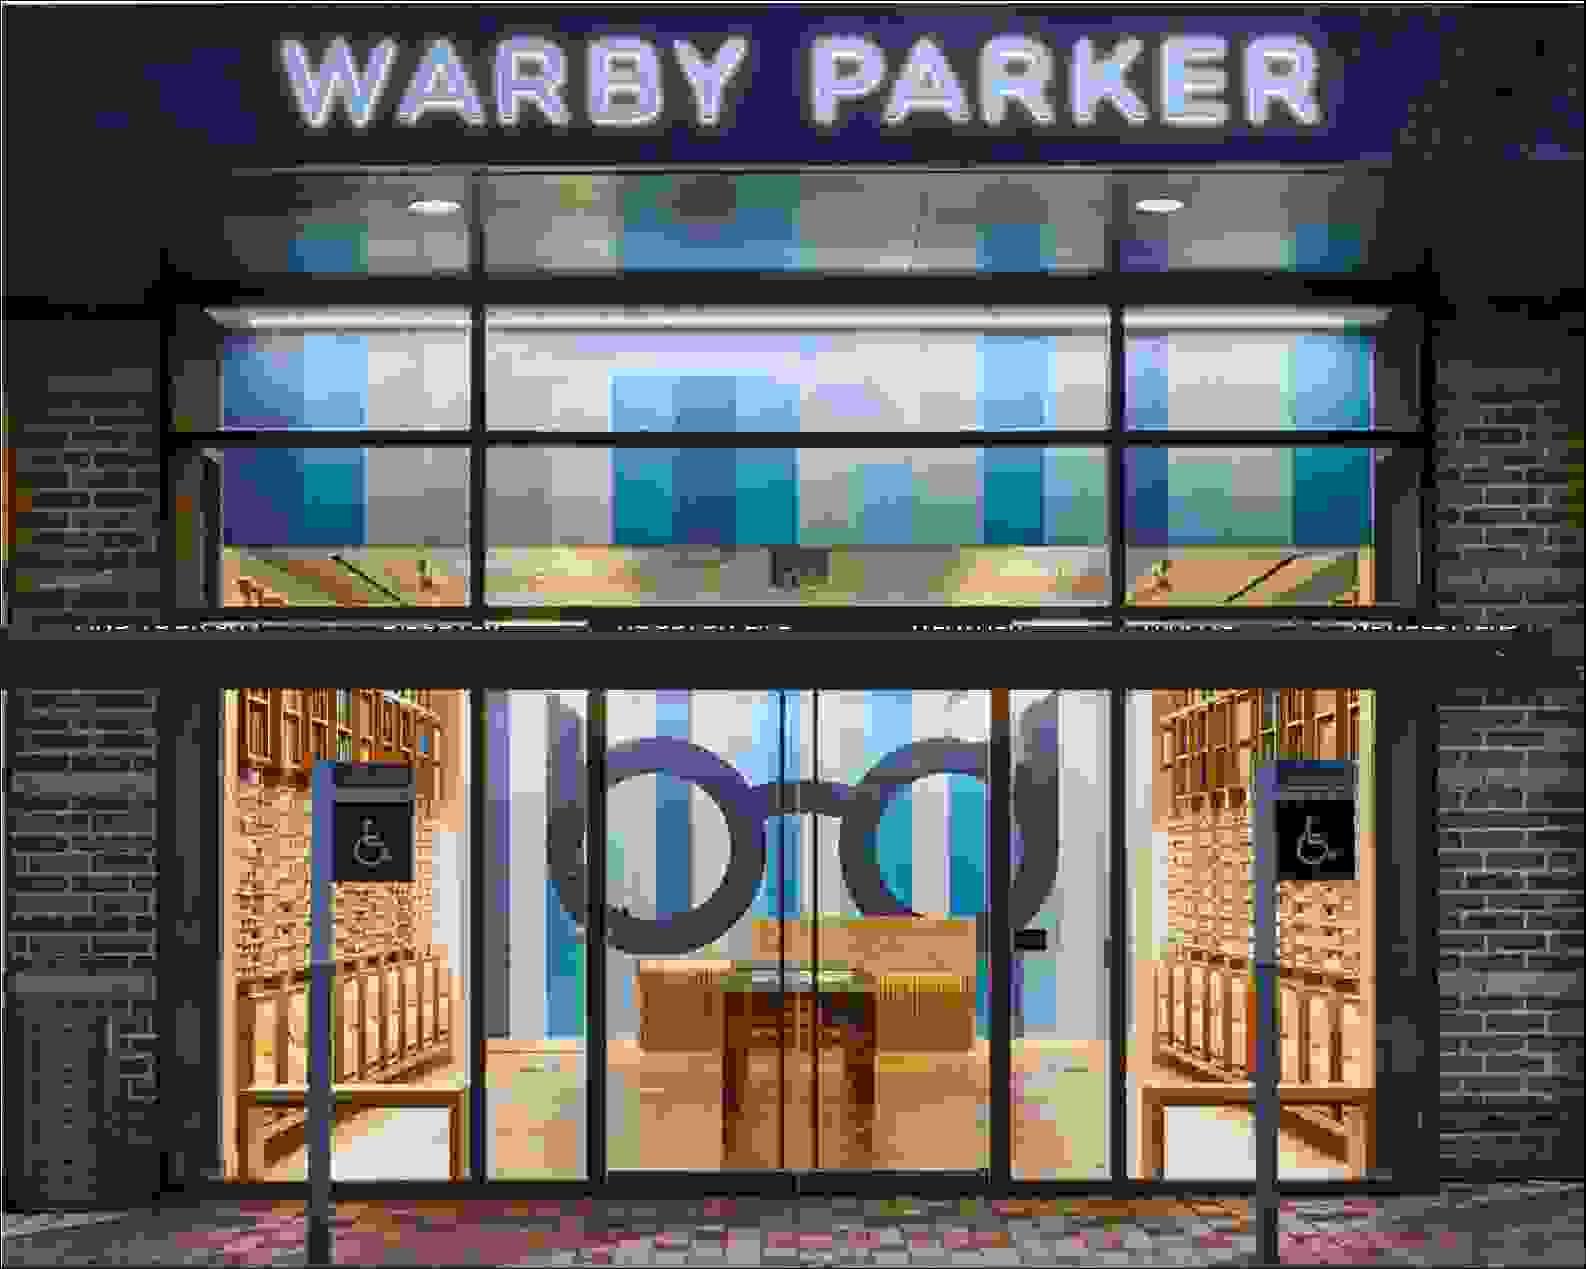 ورابي باركر (Warby Parker)